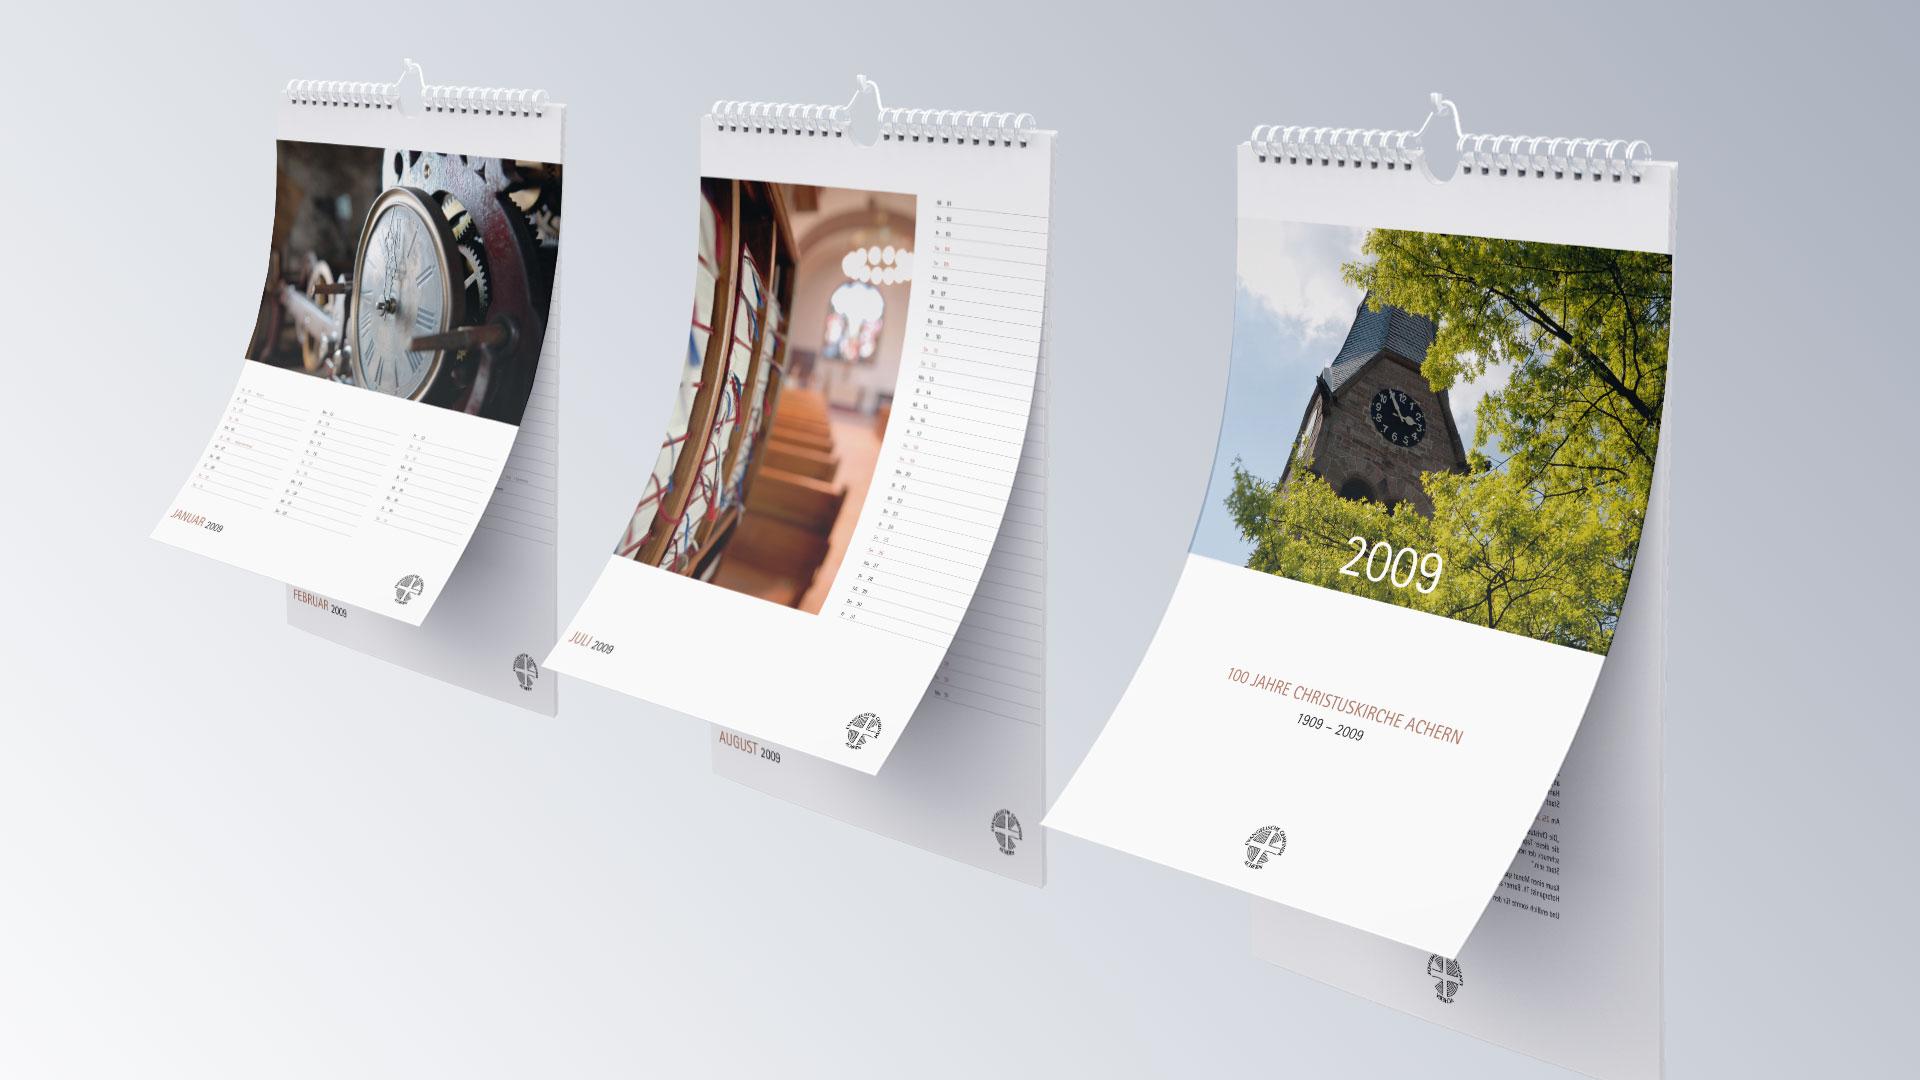 Evangelische Kirche Achern Architektur Fotografie Reportage Kalender